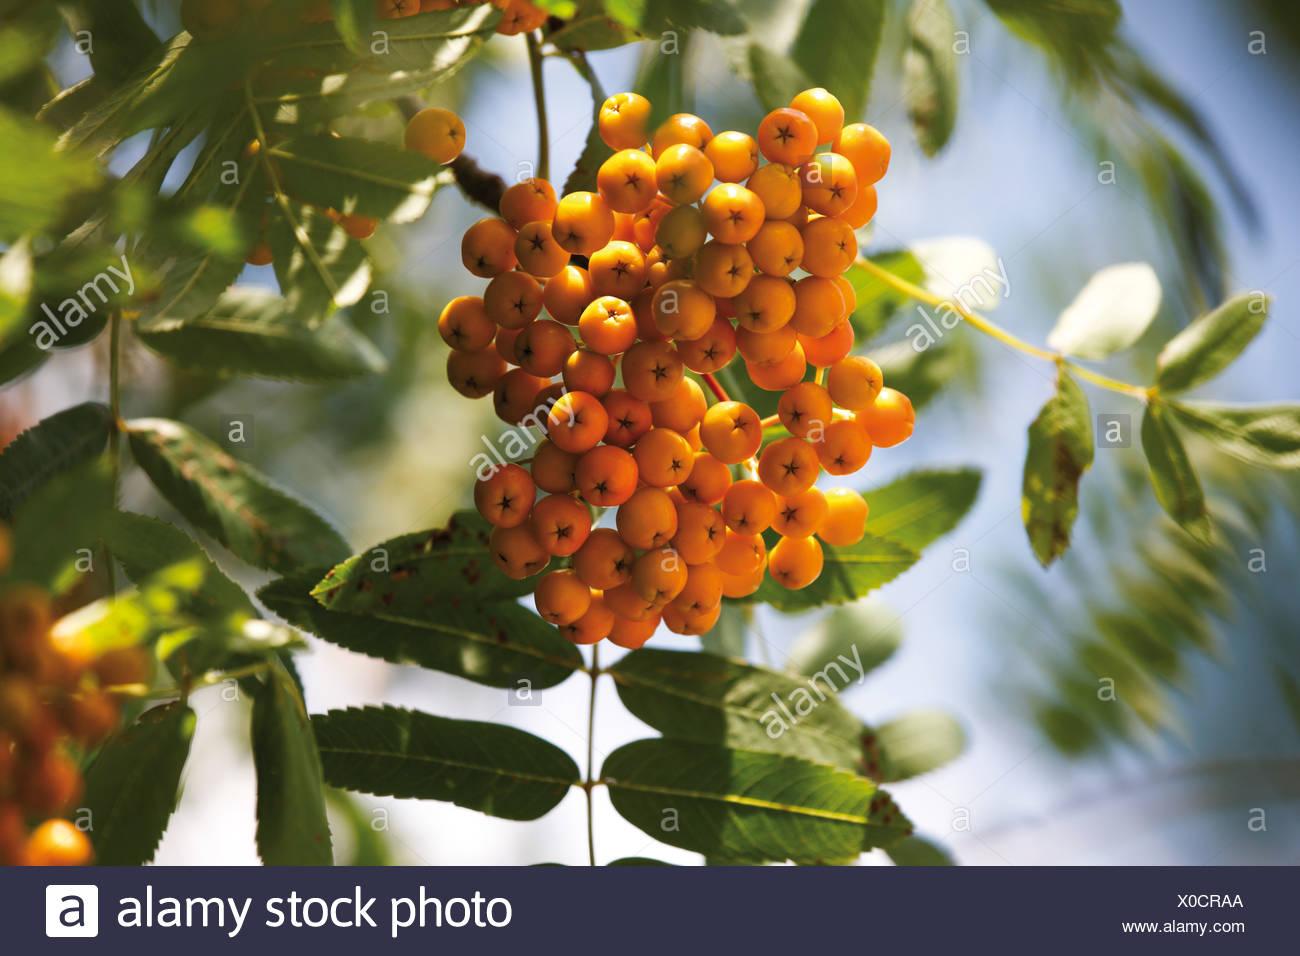 Yellow rowan berries of the rowan tree Stock Photo